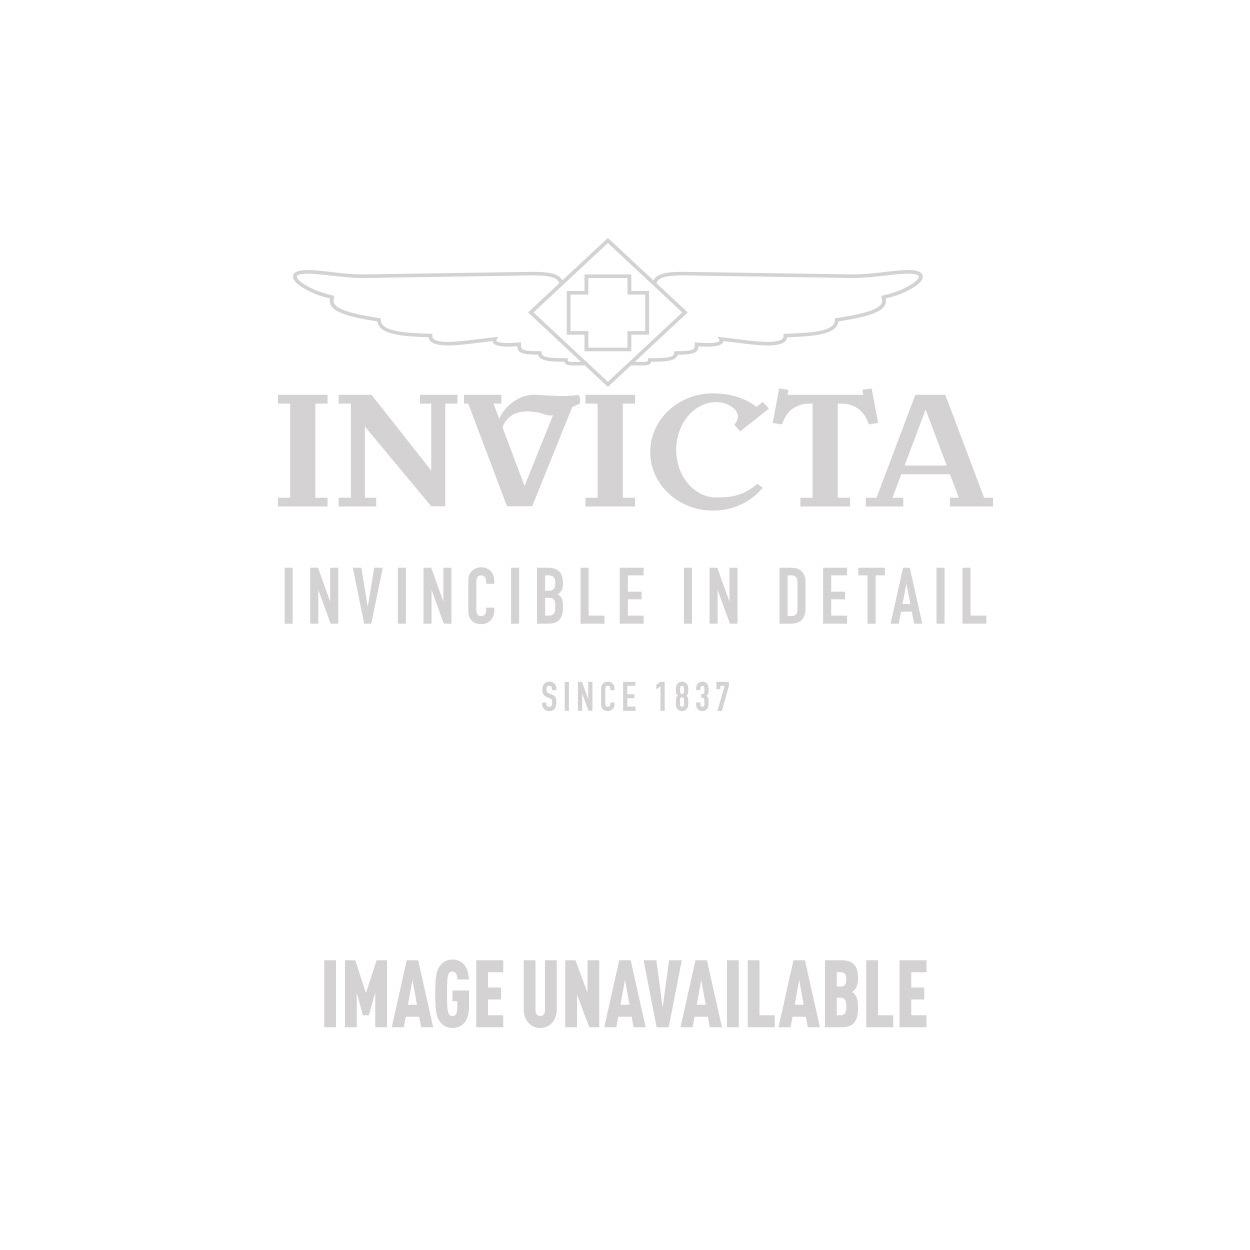 Invicta Model 24884